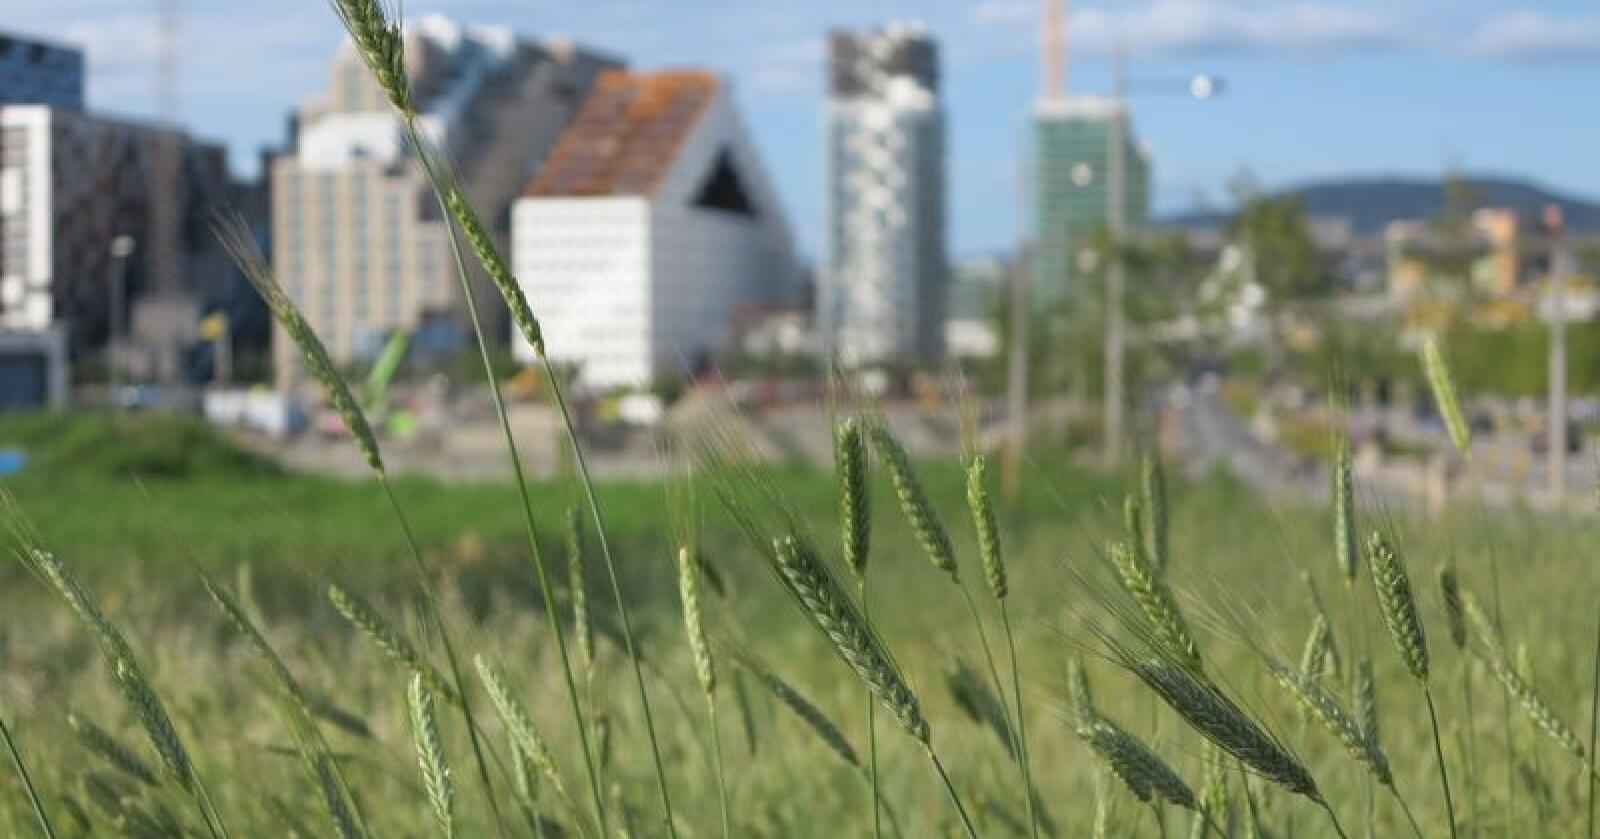 Totalt i Norge er det 5 prosent av gårdbrukerne som driver økologisk. Her sees økologisk matproduksjon i Bjørvika i Oslo. Foto: Bjørvika Utvikling/Vibeke Hermanrud